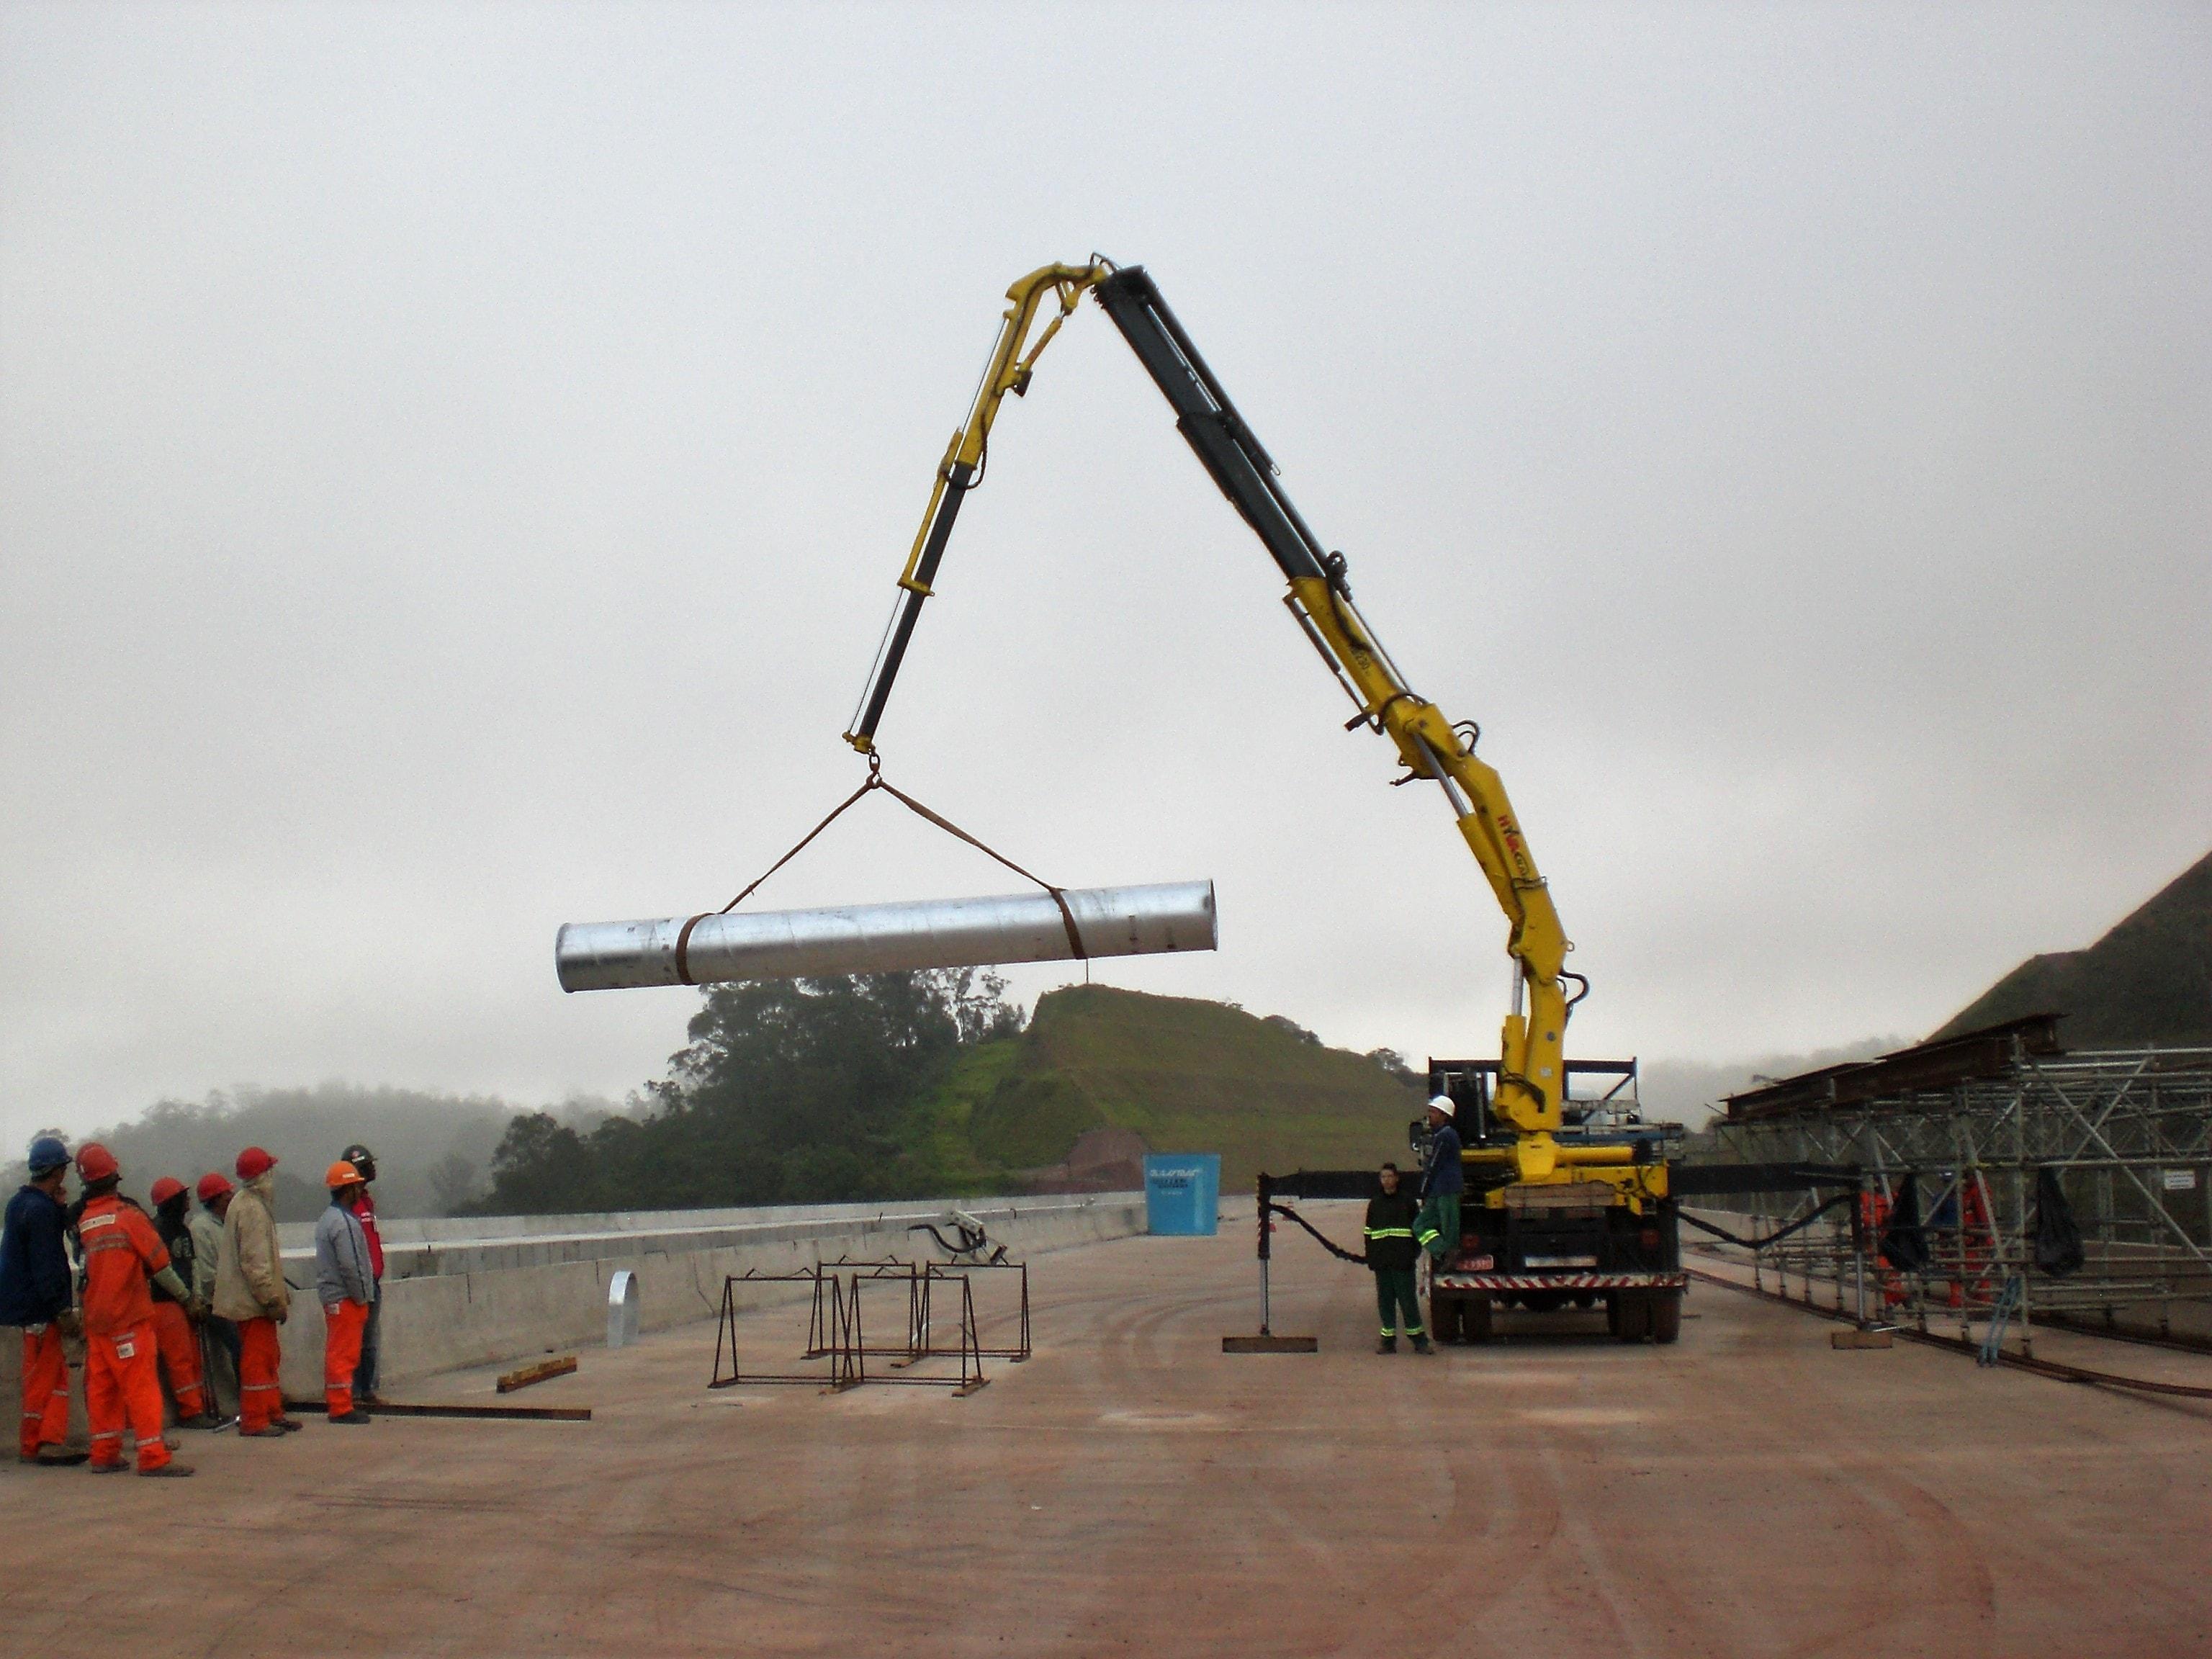 Guindaste Bi-Articulado - Hyva Crane - Munck com Fly-Jib